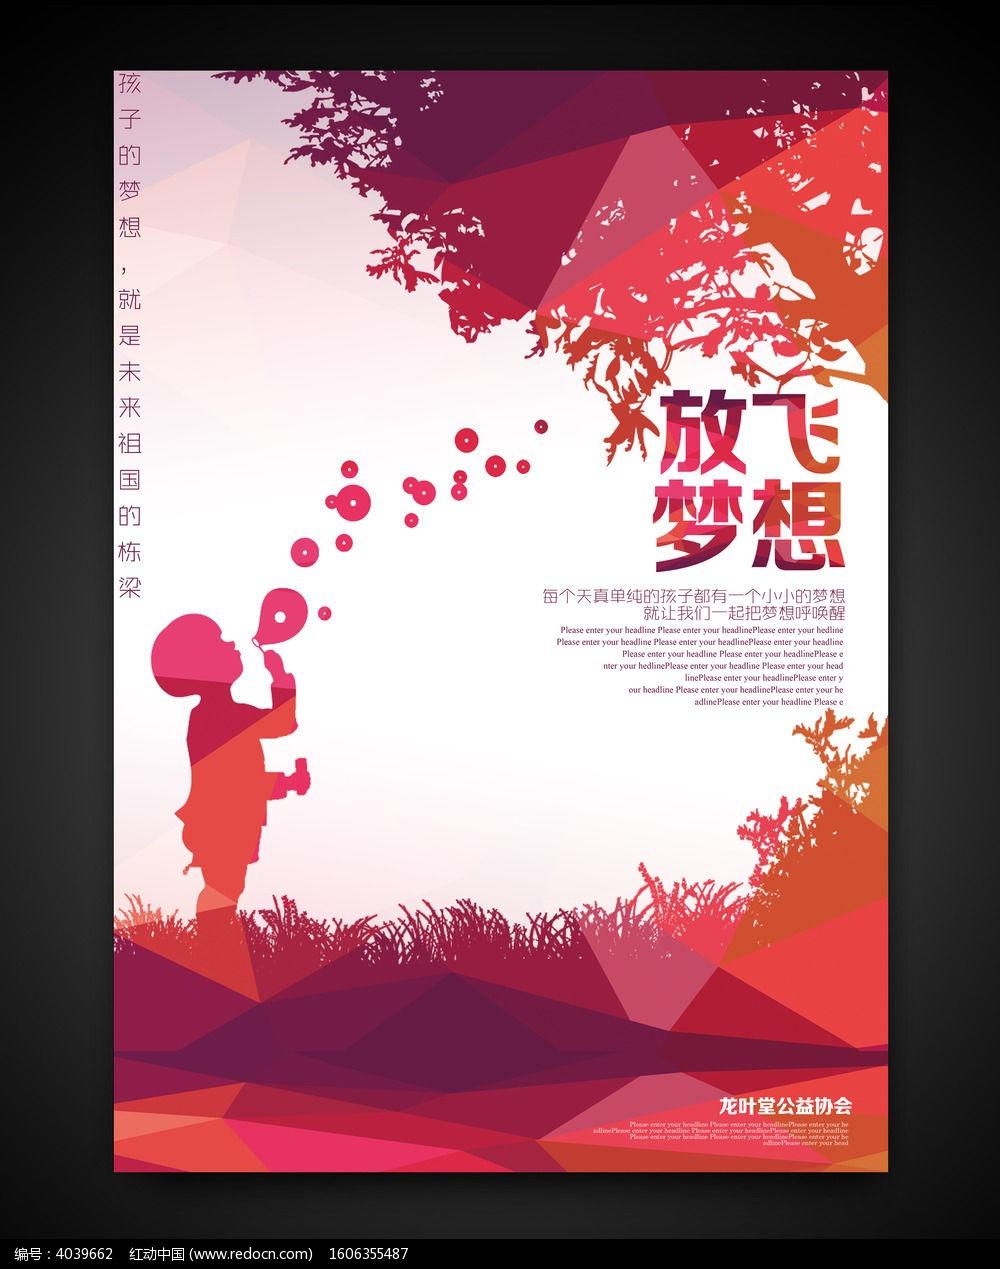 创意放飞梦想公益海报设计图片